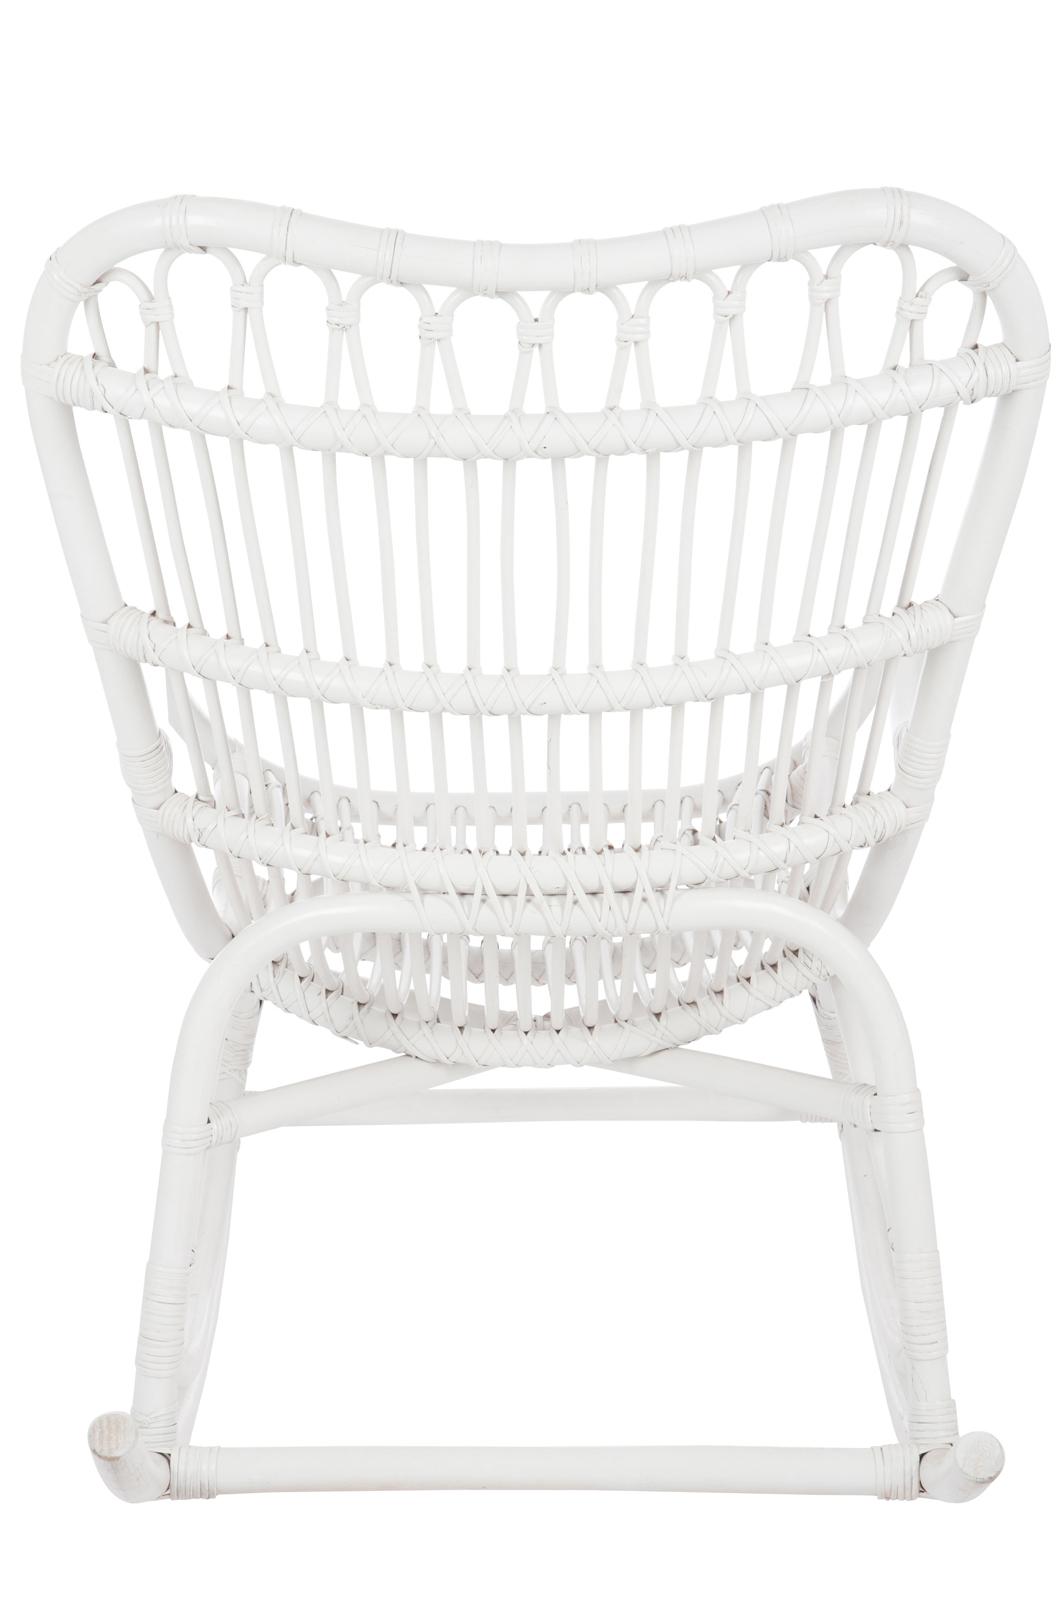 Fauteuil bascule bambou et rotin blanc jolipa 61391 magasin de meubles a - Fauteuil a bascule blanc ...